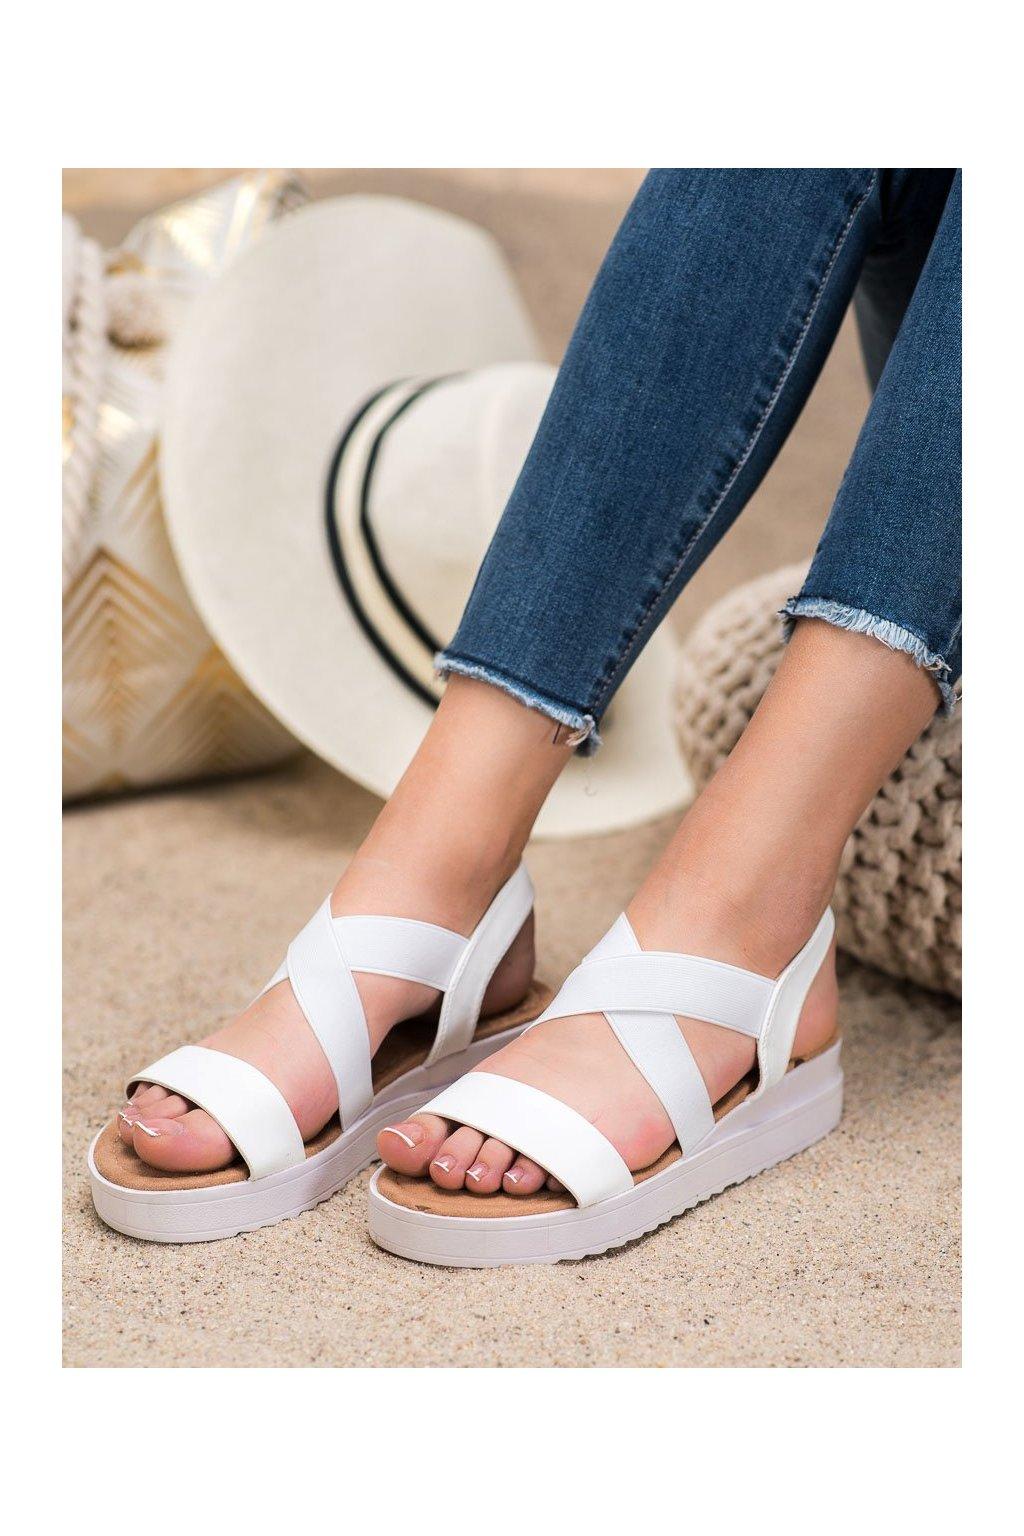 Biele sandále Shelovet kod SBX-23W